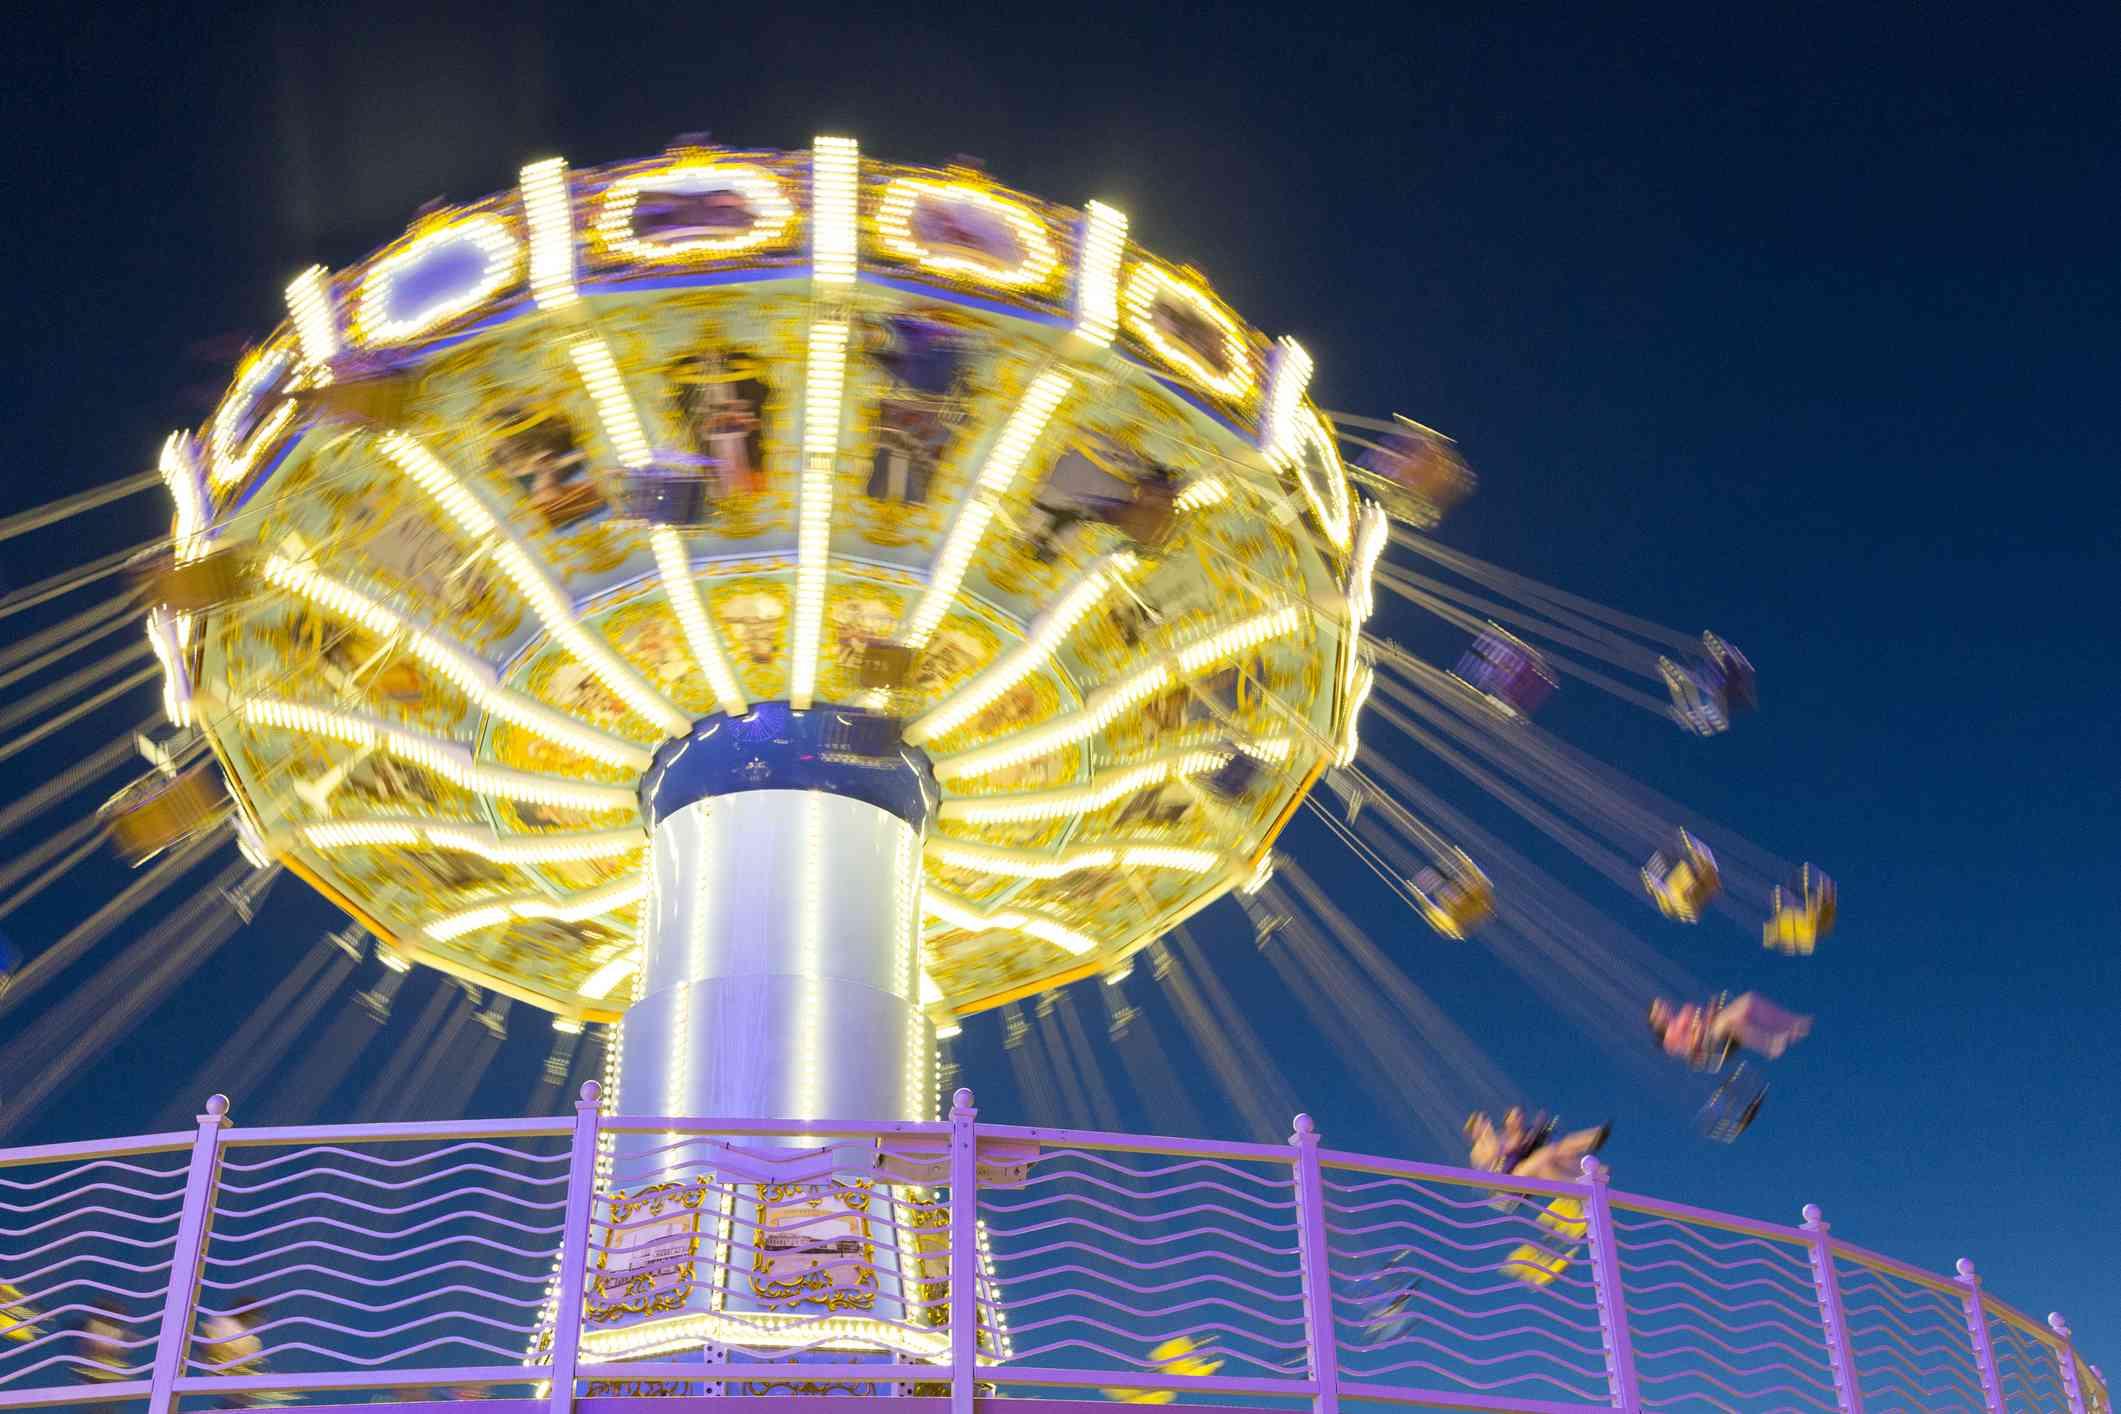 Wildwood, NJ boardwalk amusement park